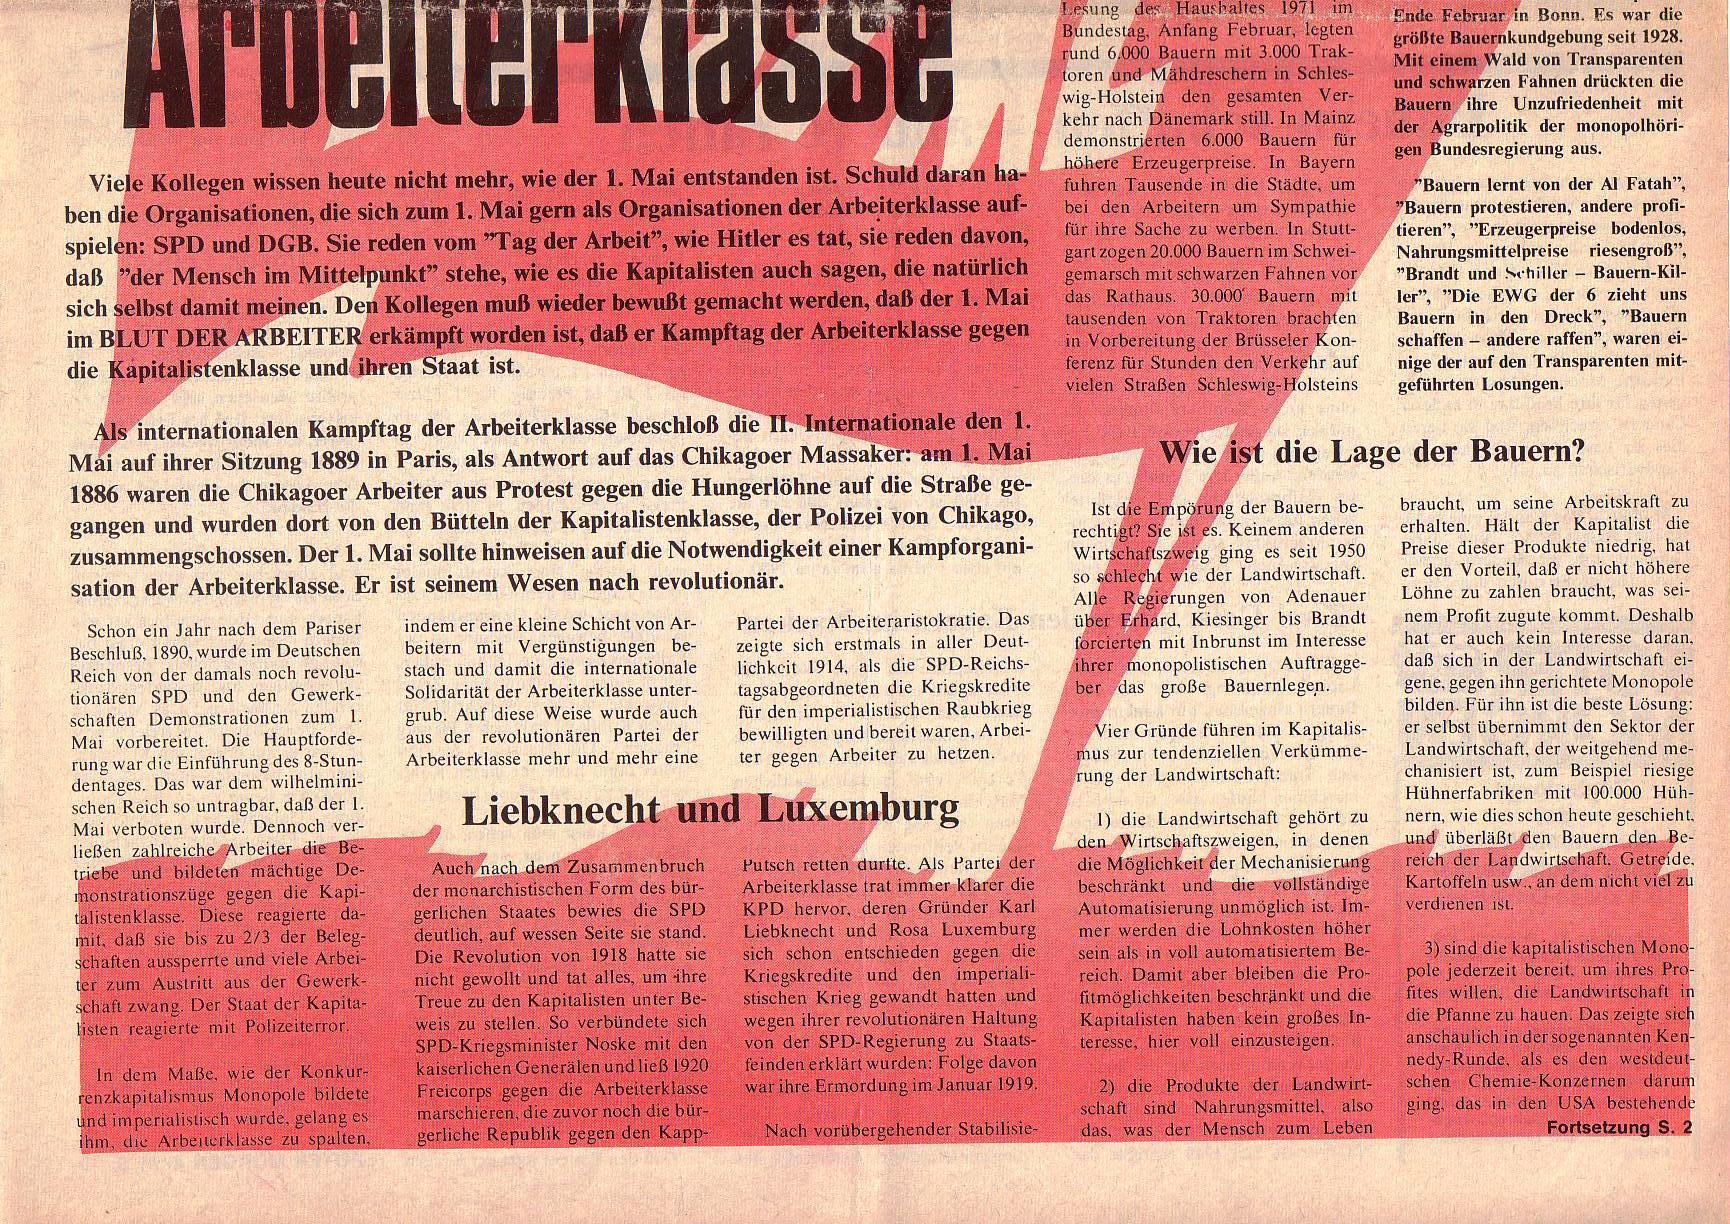 Roter Morgen, 5. Jg., April 1971, Nr. 4, Seite 1b